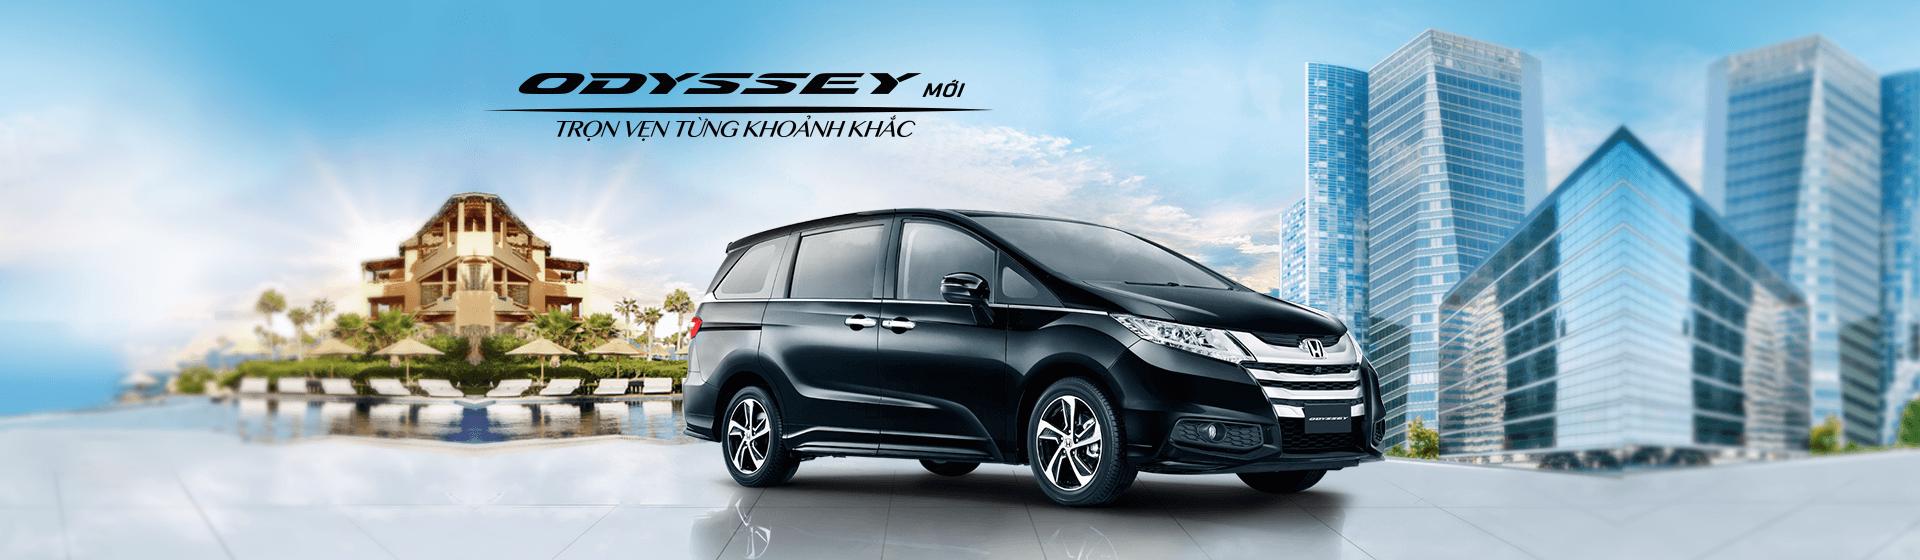 Xe-Honda-Odyssey-2016-tai-viet-nam